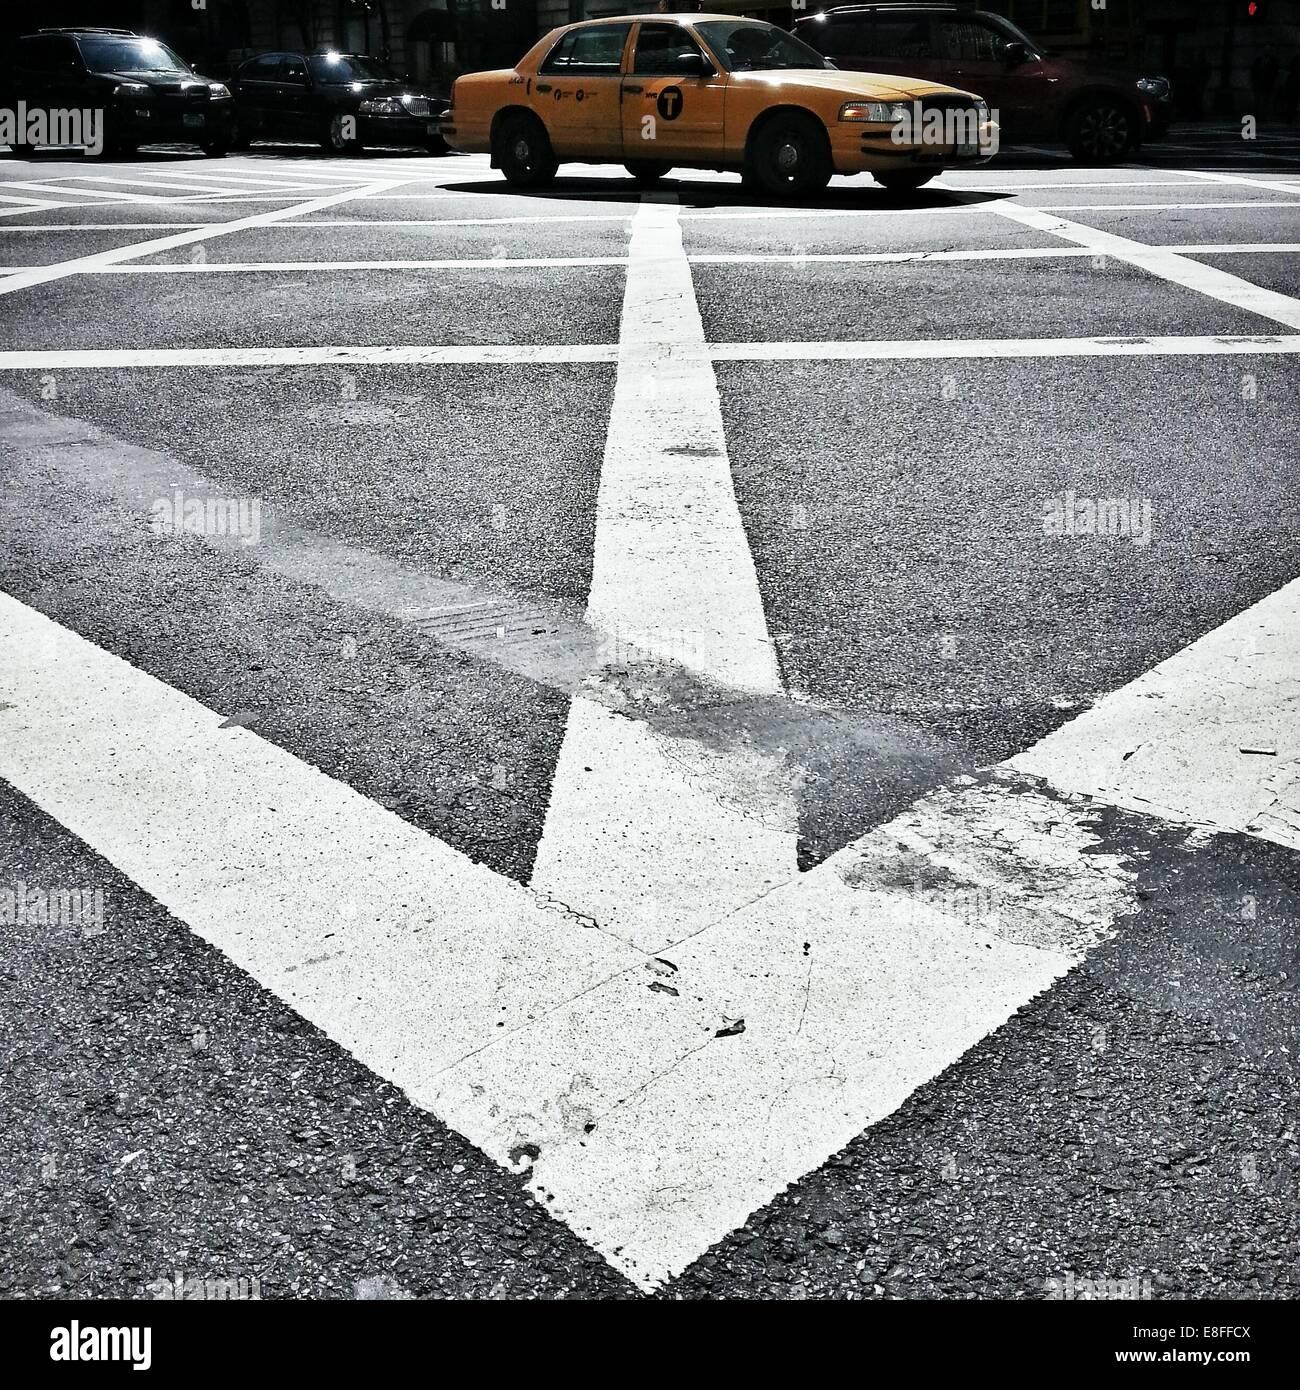 Yellow Cab, la conduite à travers fort junction, Manhattan, New York, Amérique, USA Photo Stock